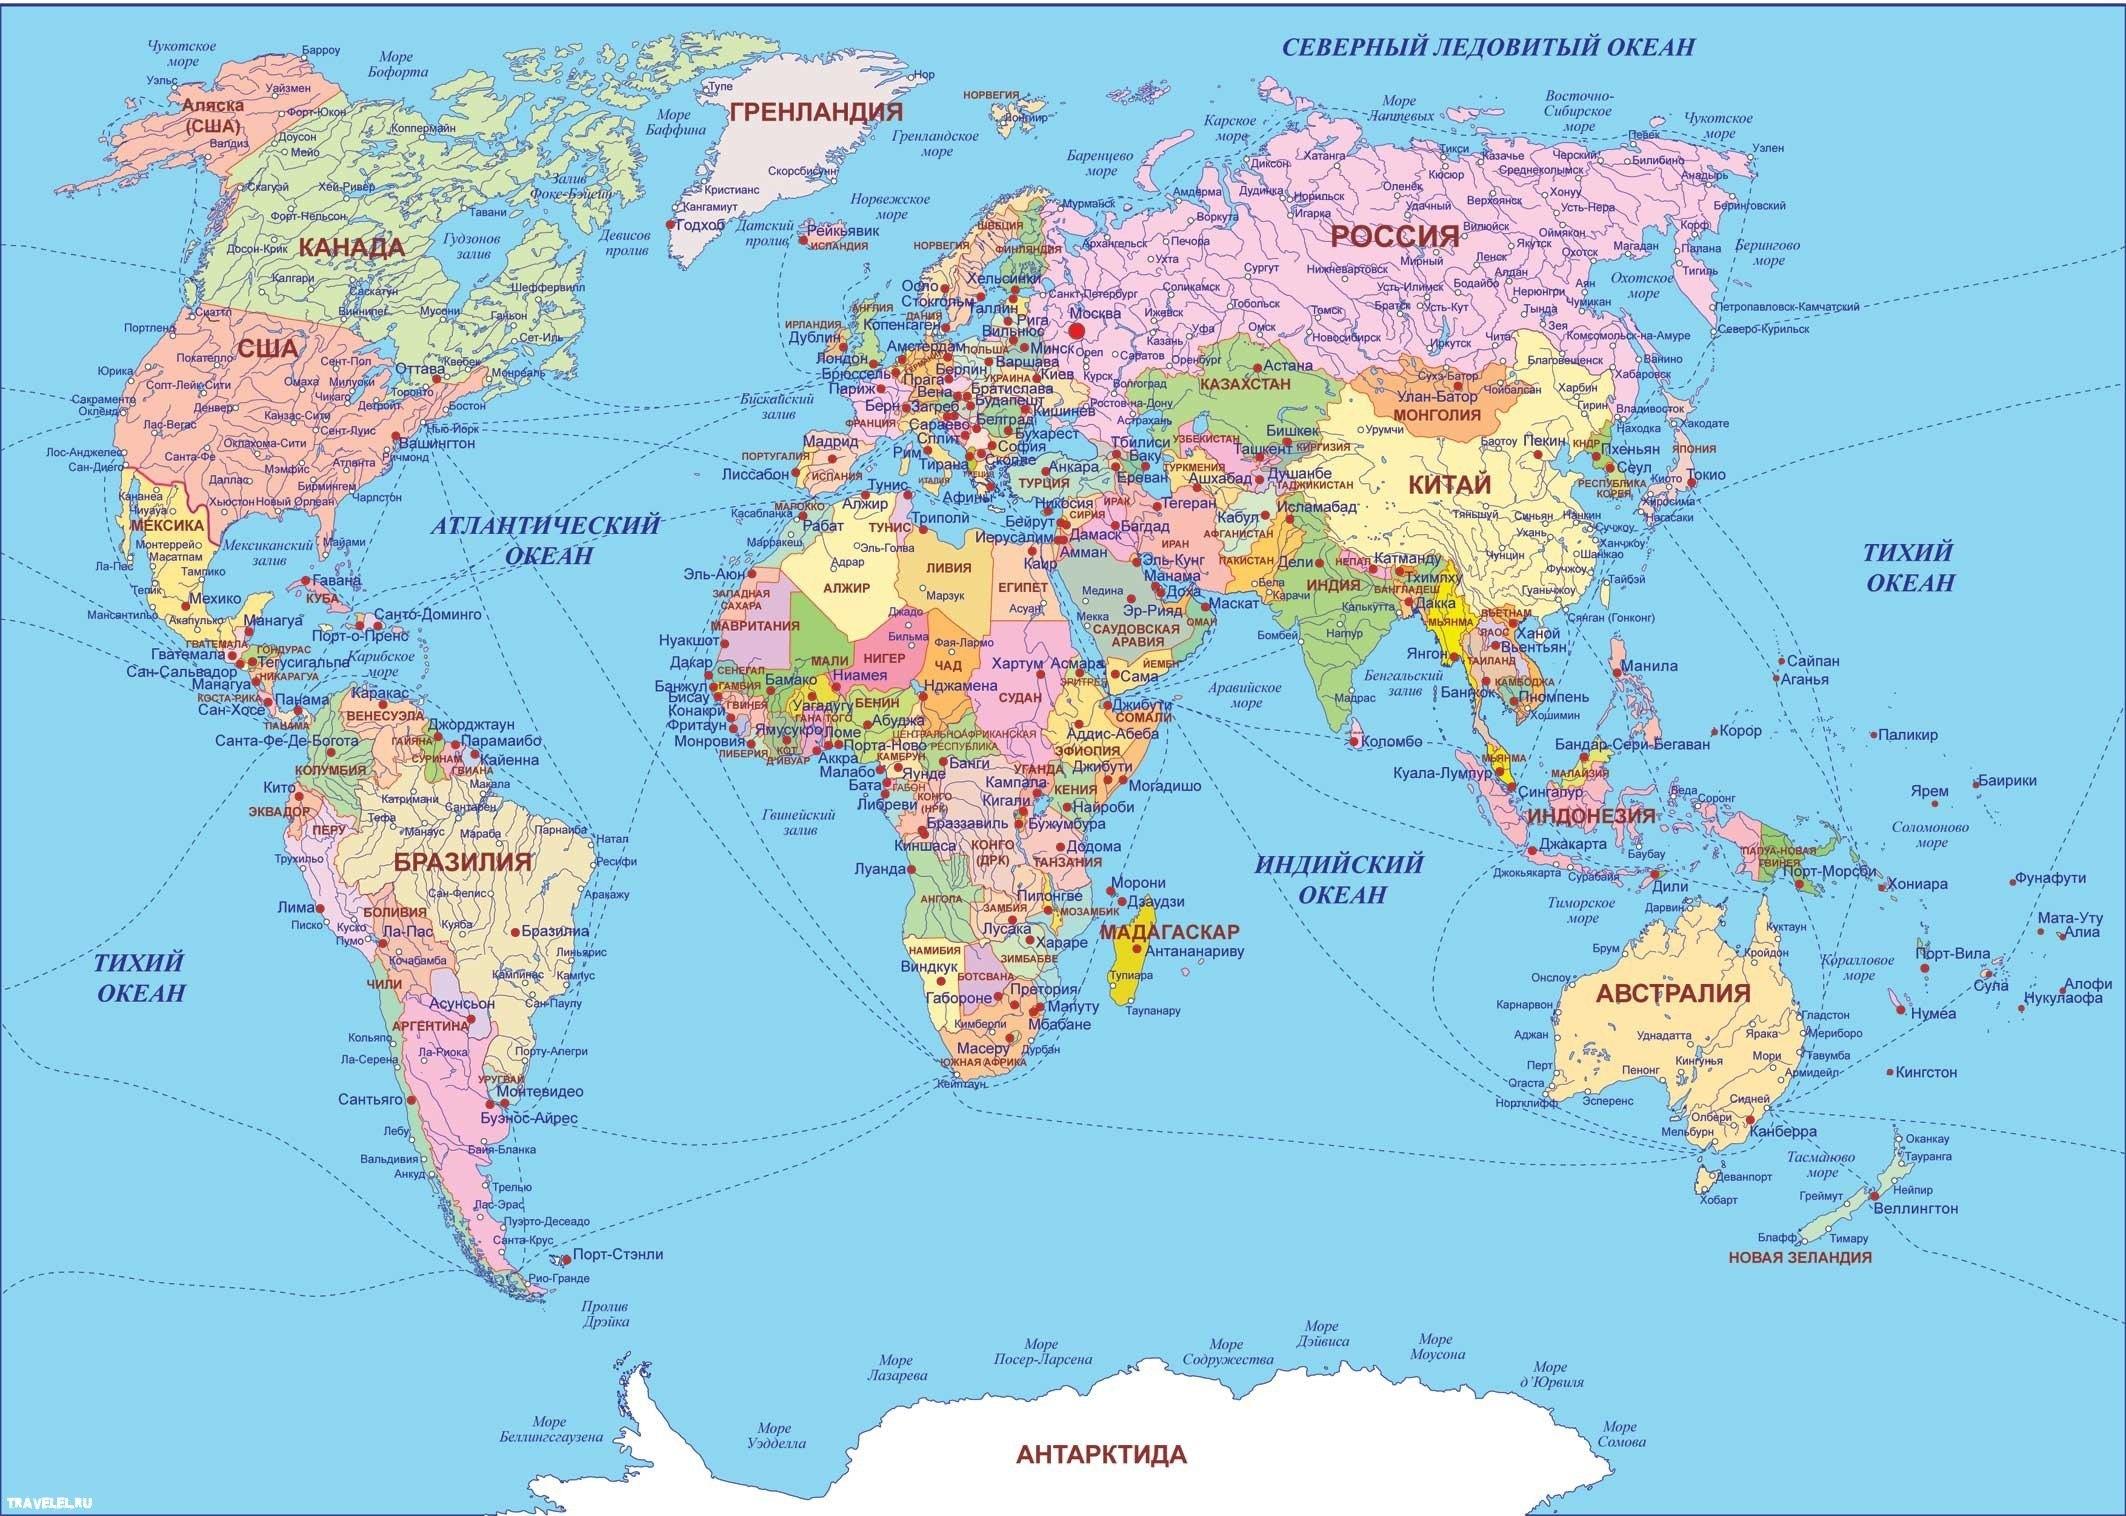 Карта мира на русском языке и со странами. Подробные изображения 1